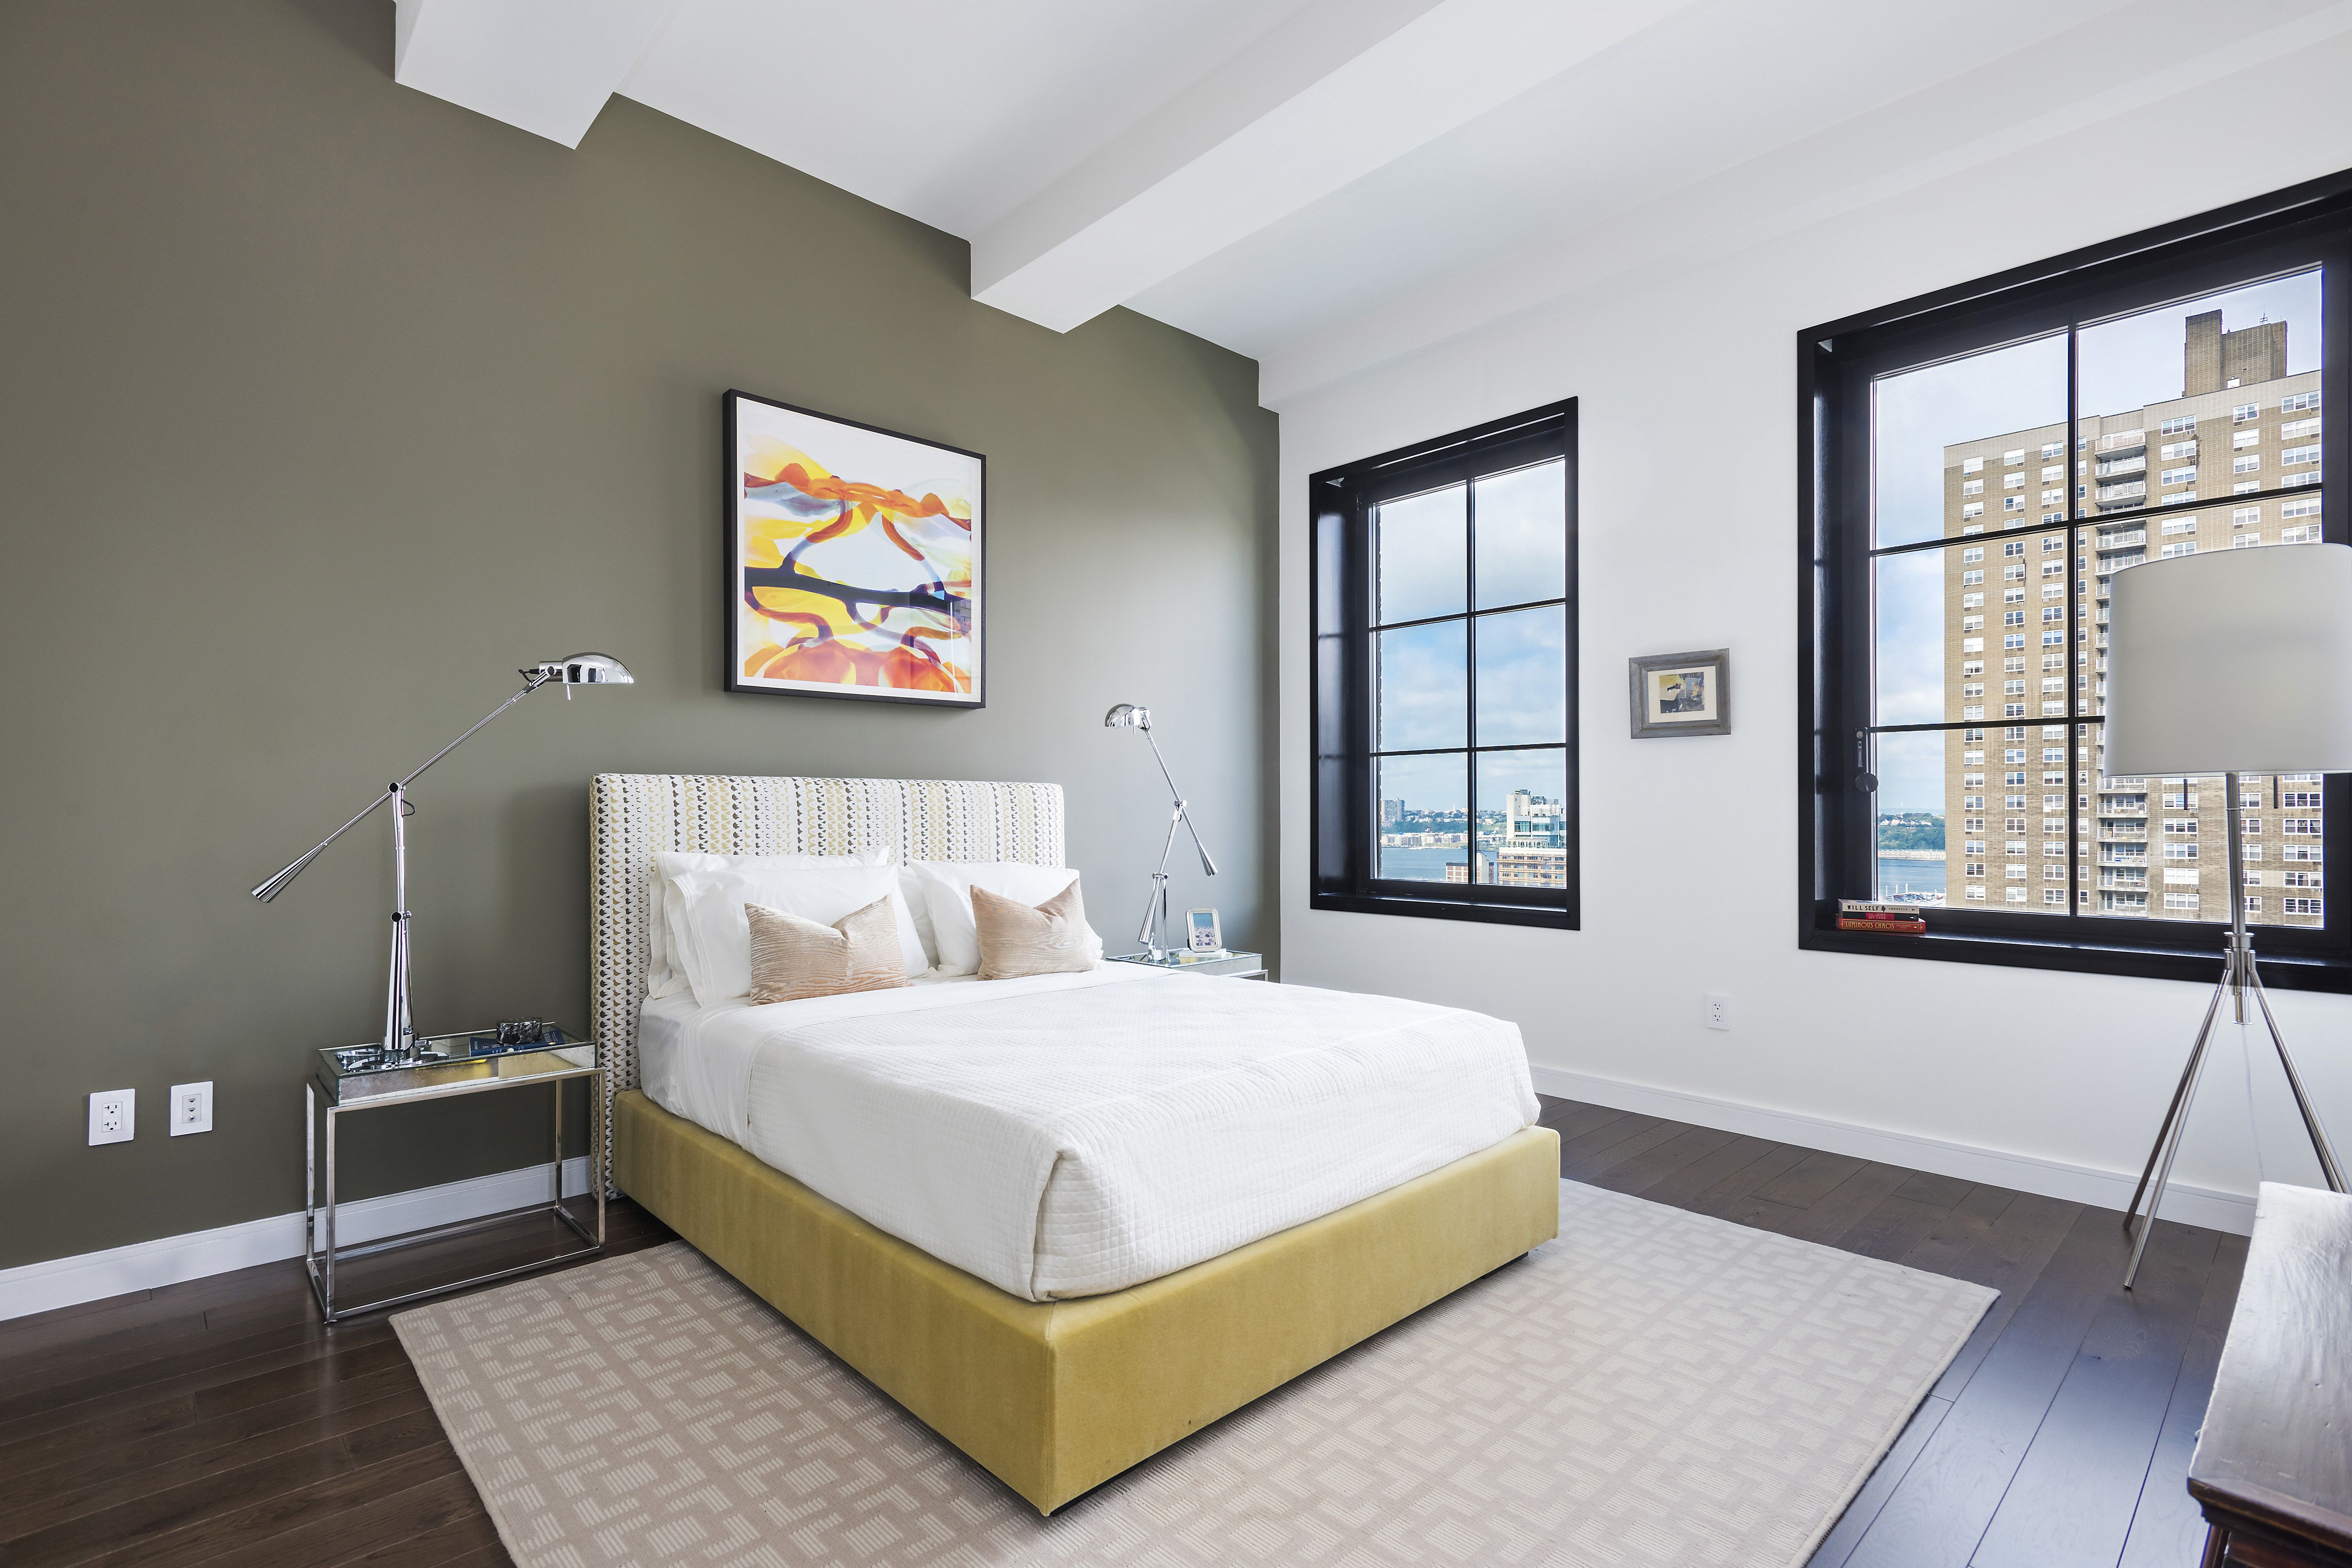 1 Zimmer Wohnung Mit Art Deco Stil Mit Grauen Wand Und Weiss Auch Bett Auf Kariert Braun Teppich Und Metall Swing Arm Lampe Un 1 Zimmer Wohnung Zimmer